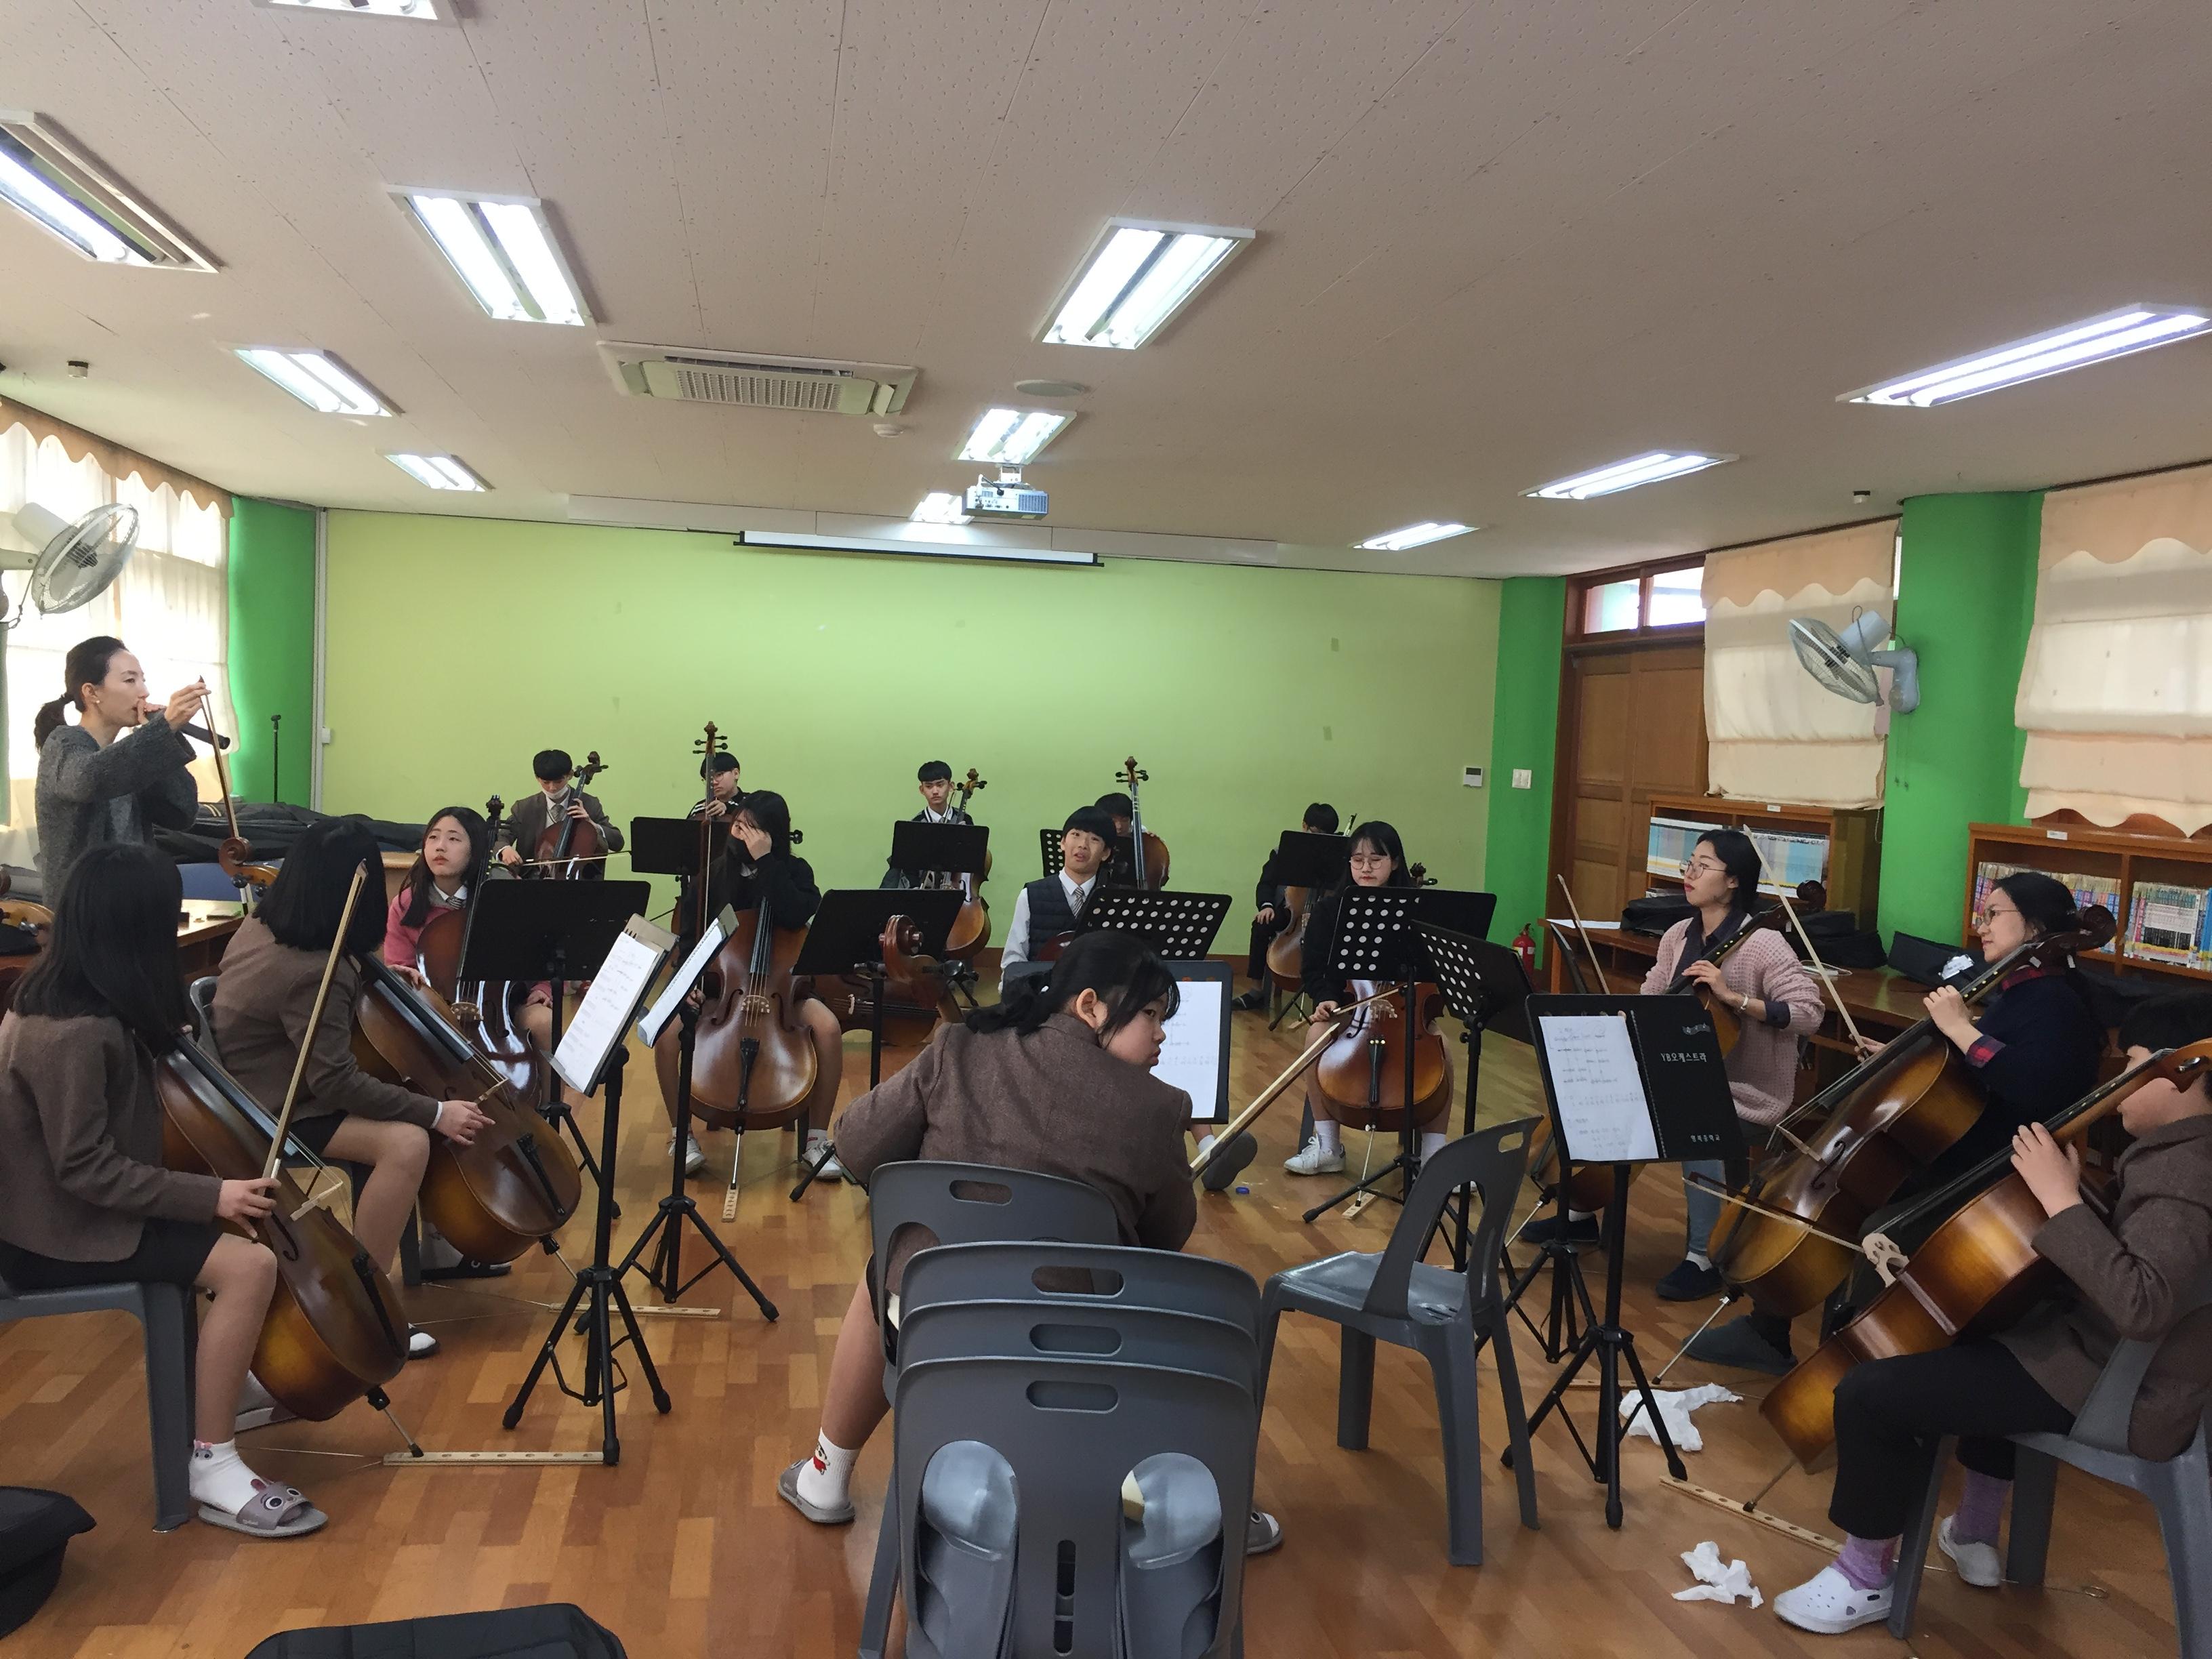 [일반] YB오케스트라 파트 활동의 첨부이미지 4